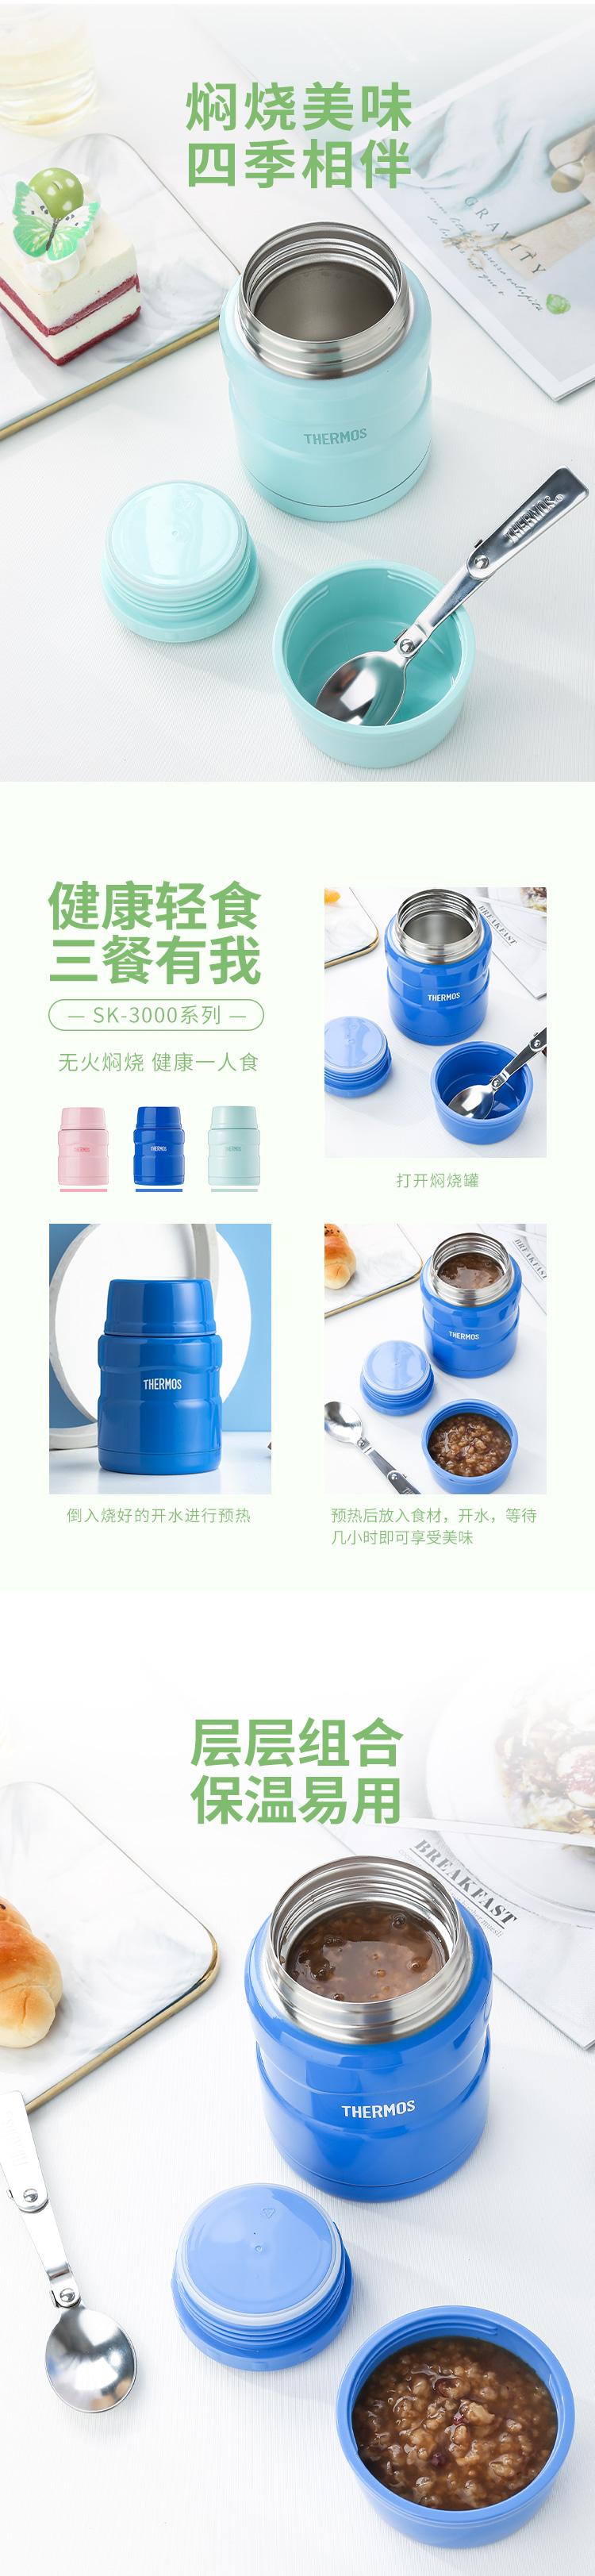 THERMOS膳魔师焖烧罐焖烧杯470ml高真空不锈钢保温饭盒保温桶SK-3000 BL天蓝色